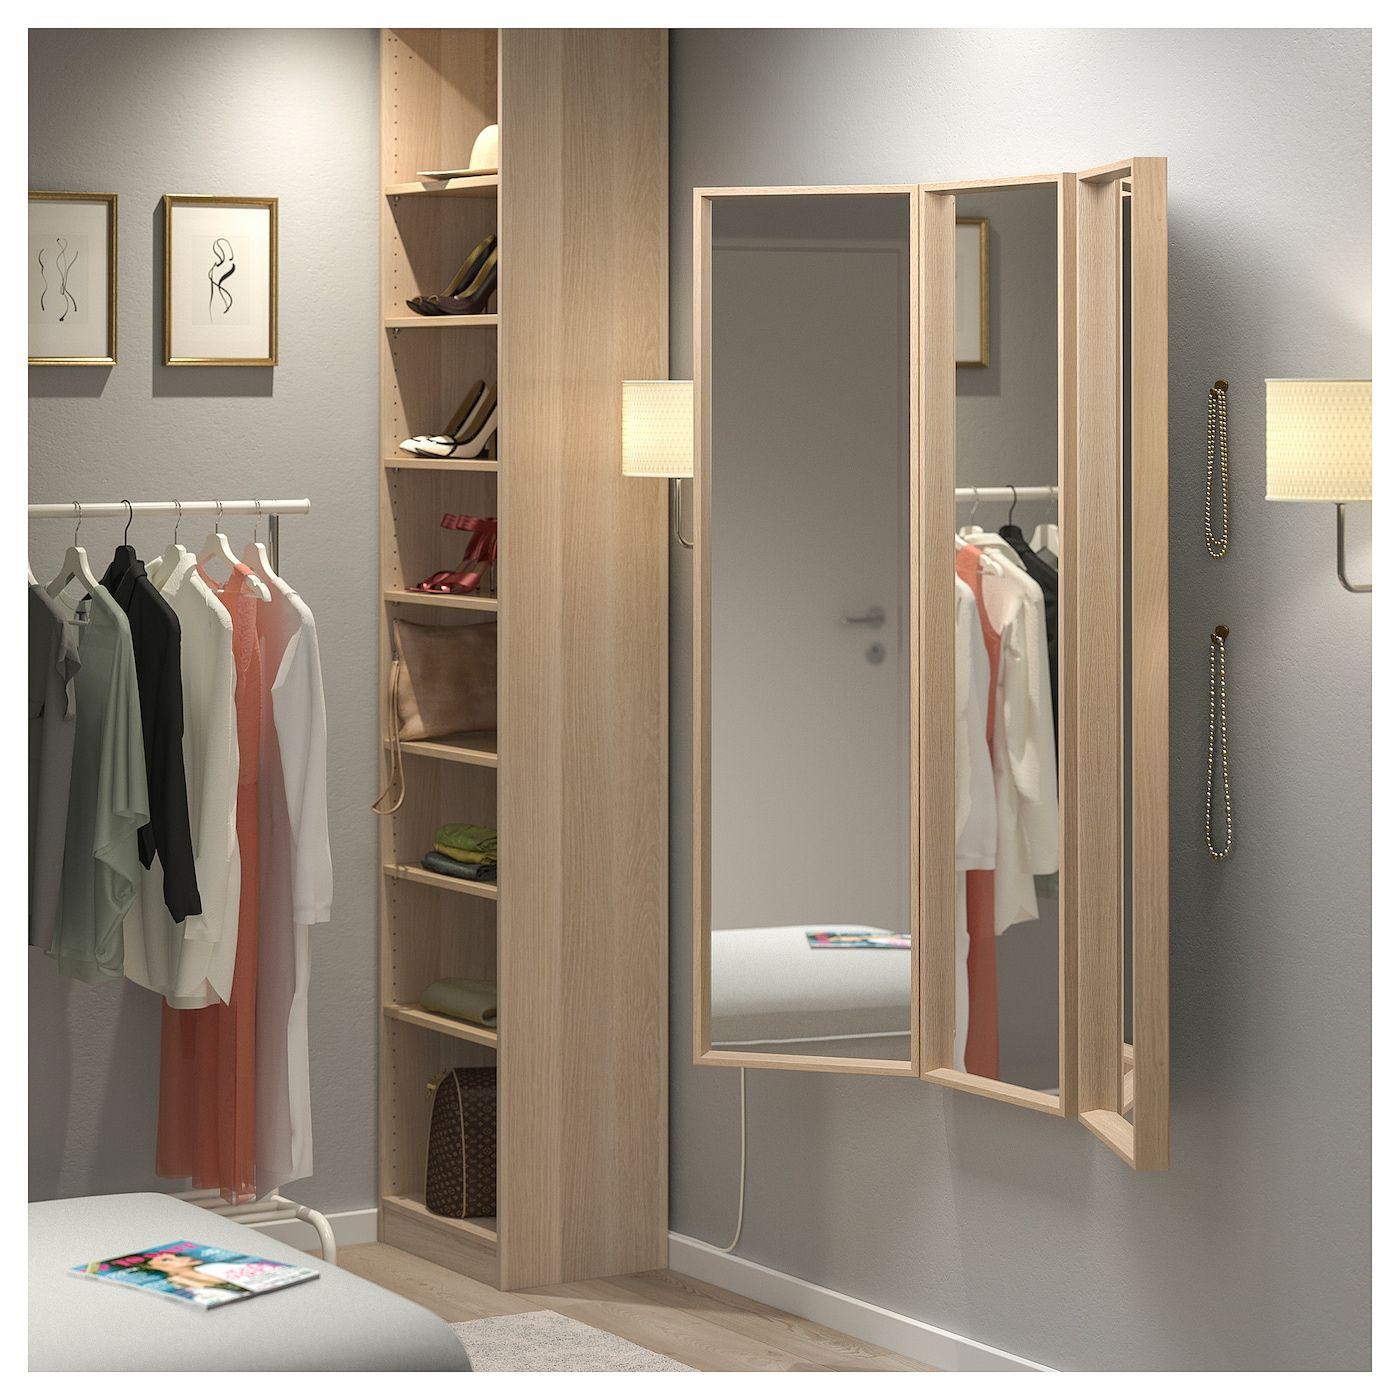 Nissedal Spiegelkombination Eicheneff Wlas Ikea Osterreich Miroir Dressing Miroir Ikea Nettoyer Vitres